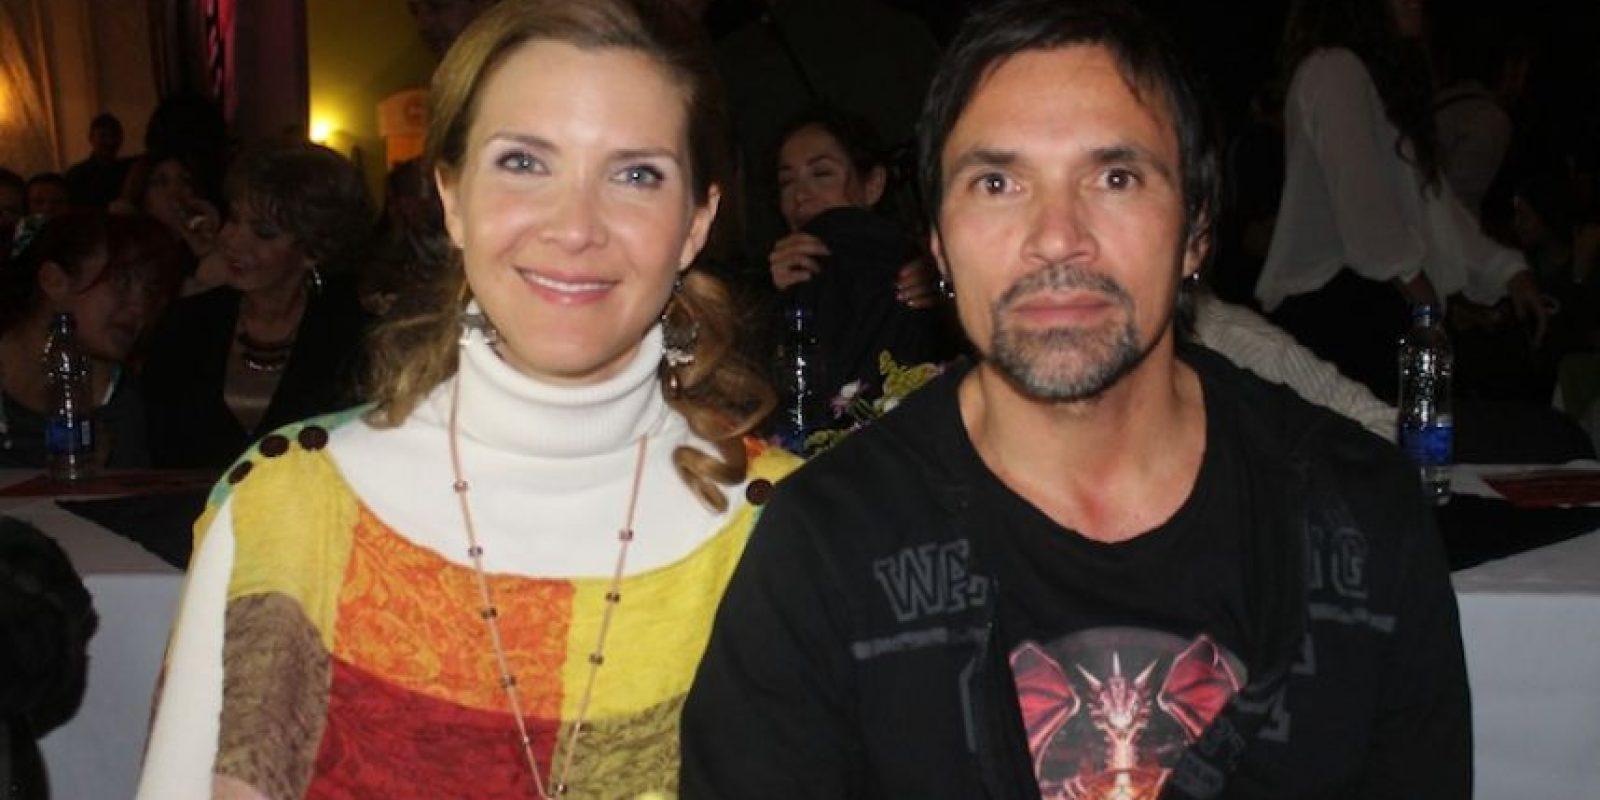 Llevan Margarita Ortega Melibea Ramiro Meneses Wwwmiifotoscom